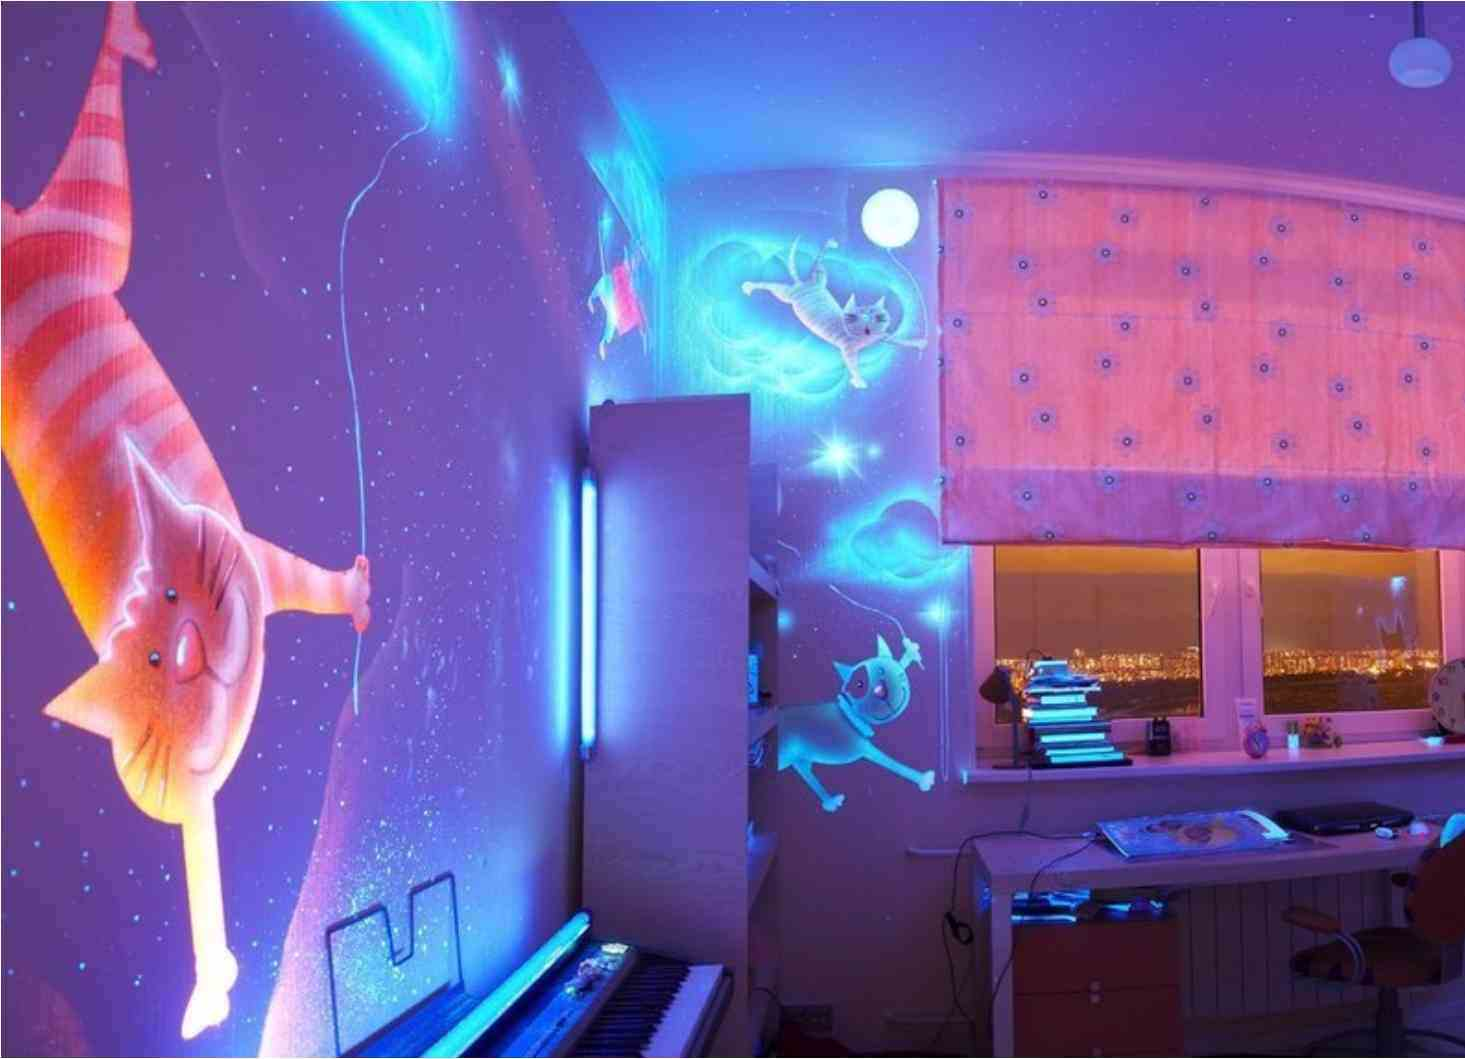 пример использования 3д обоев в ремонте комнаты